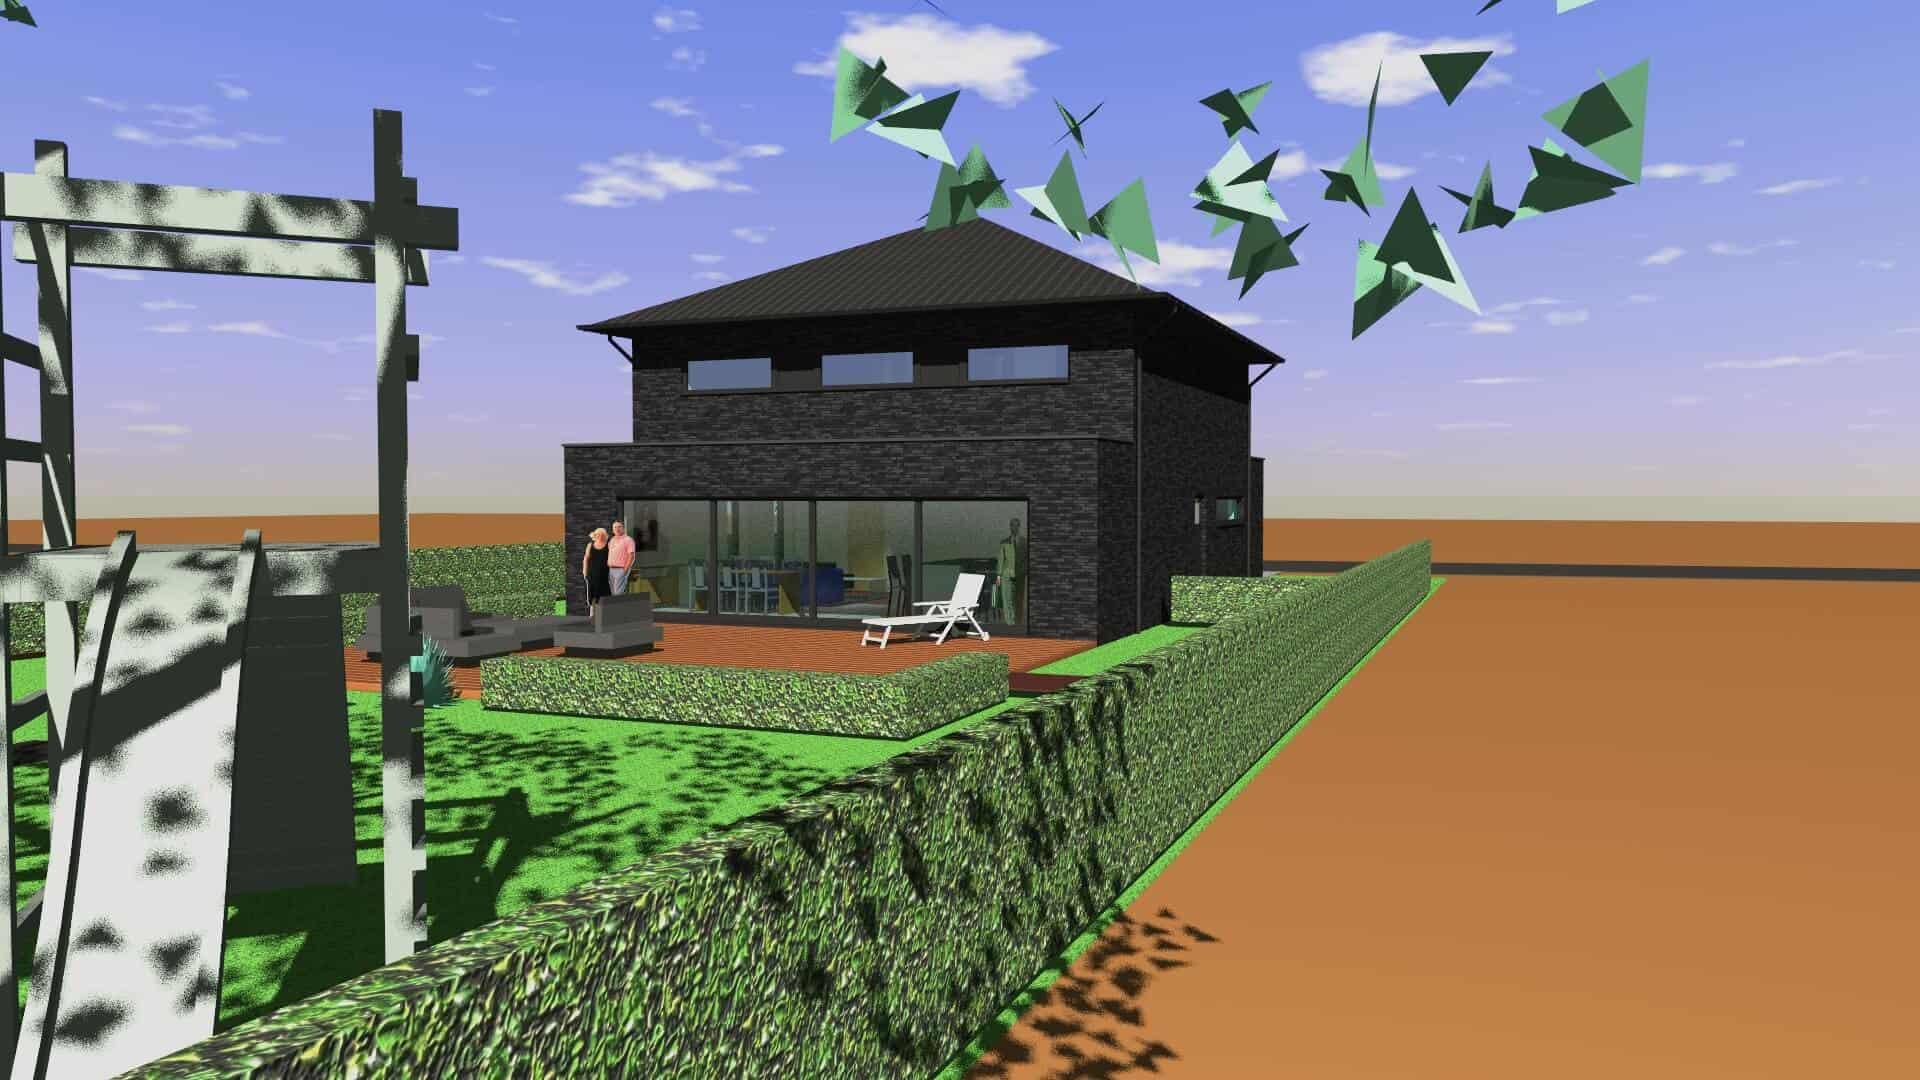 Detail afbeelding 2 van C&M   –   Zwart Antraciete woning   –   Genk | Ontwerp door architect Patrick Strackx